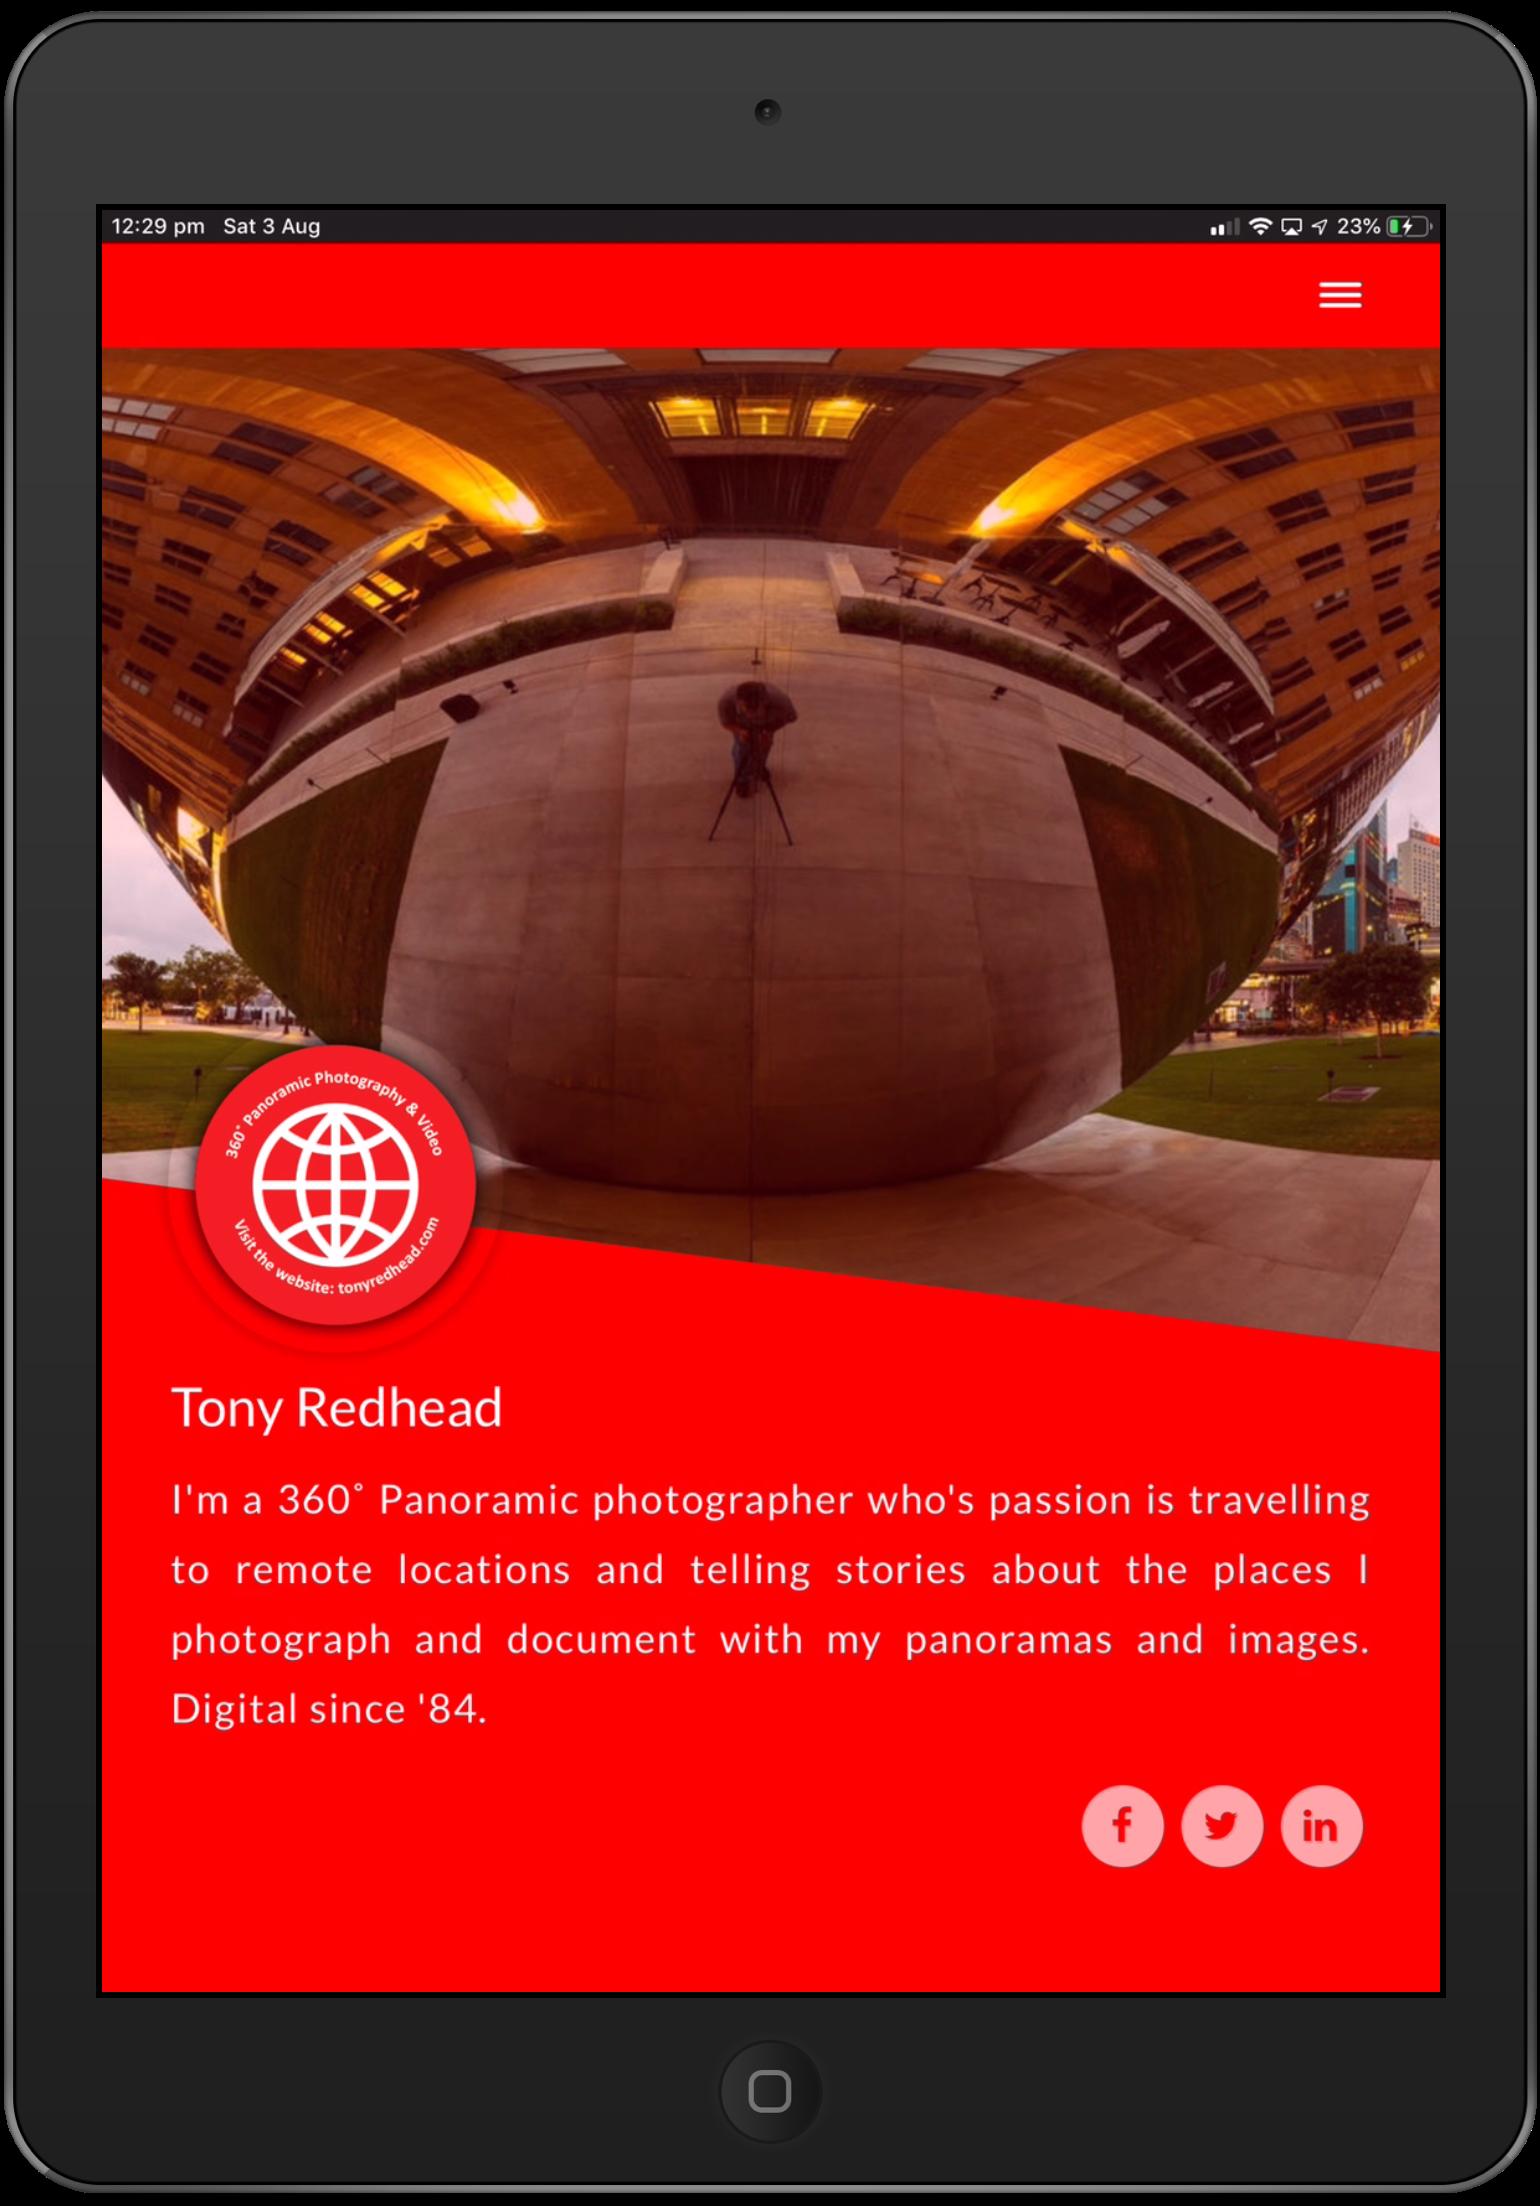 iPad Profile Screen - Style 2